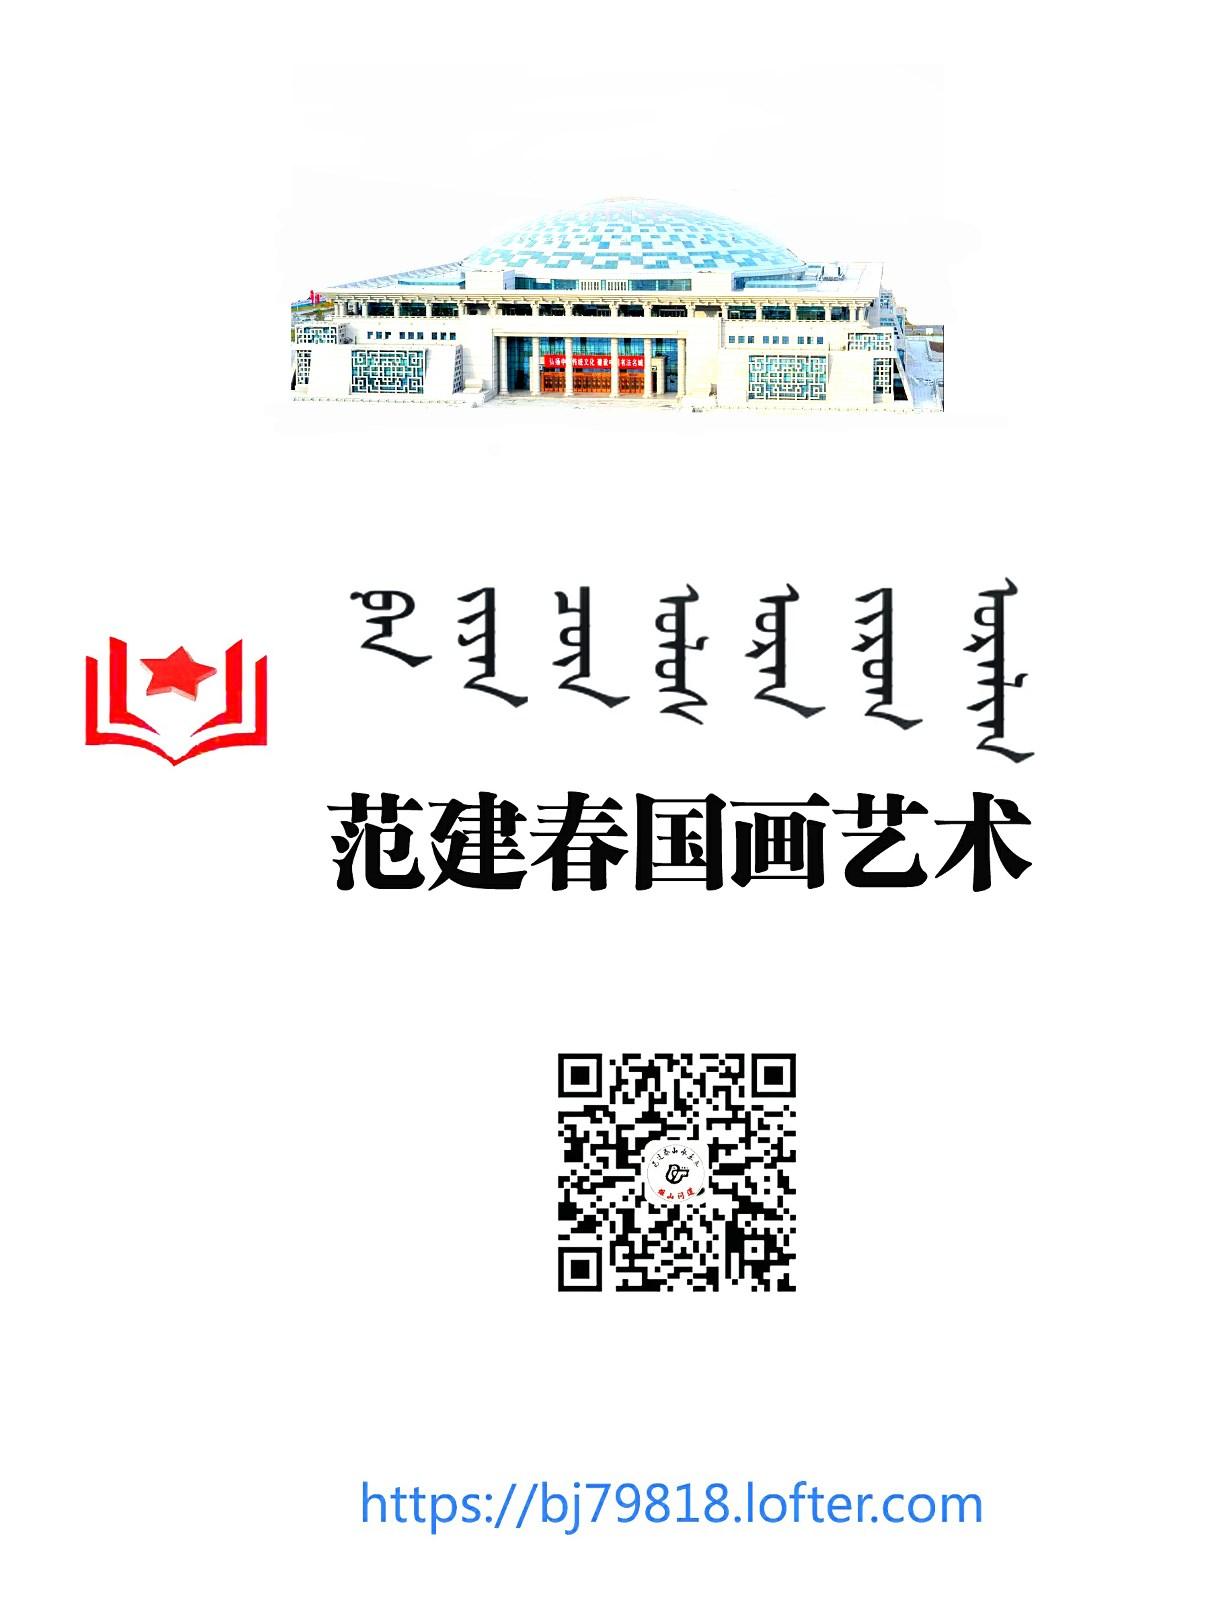 国画导师靳文艺黄河题材写生创作作品_图1-8